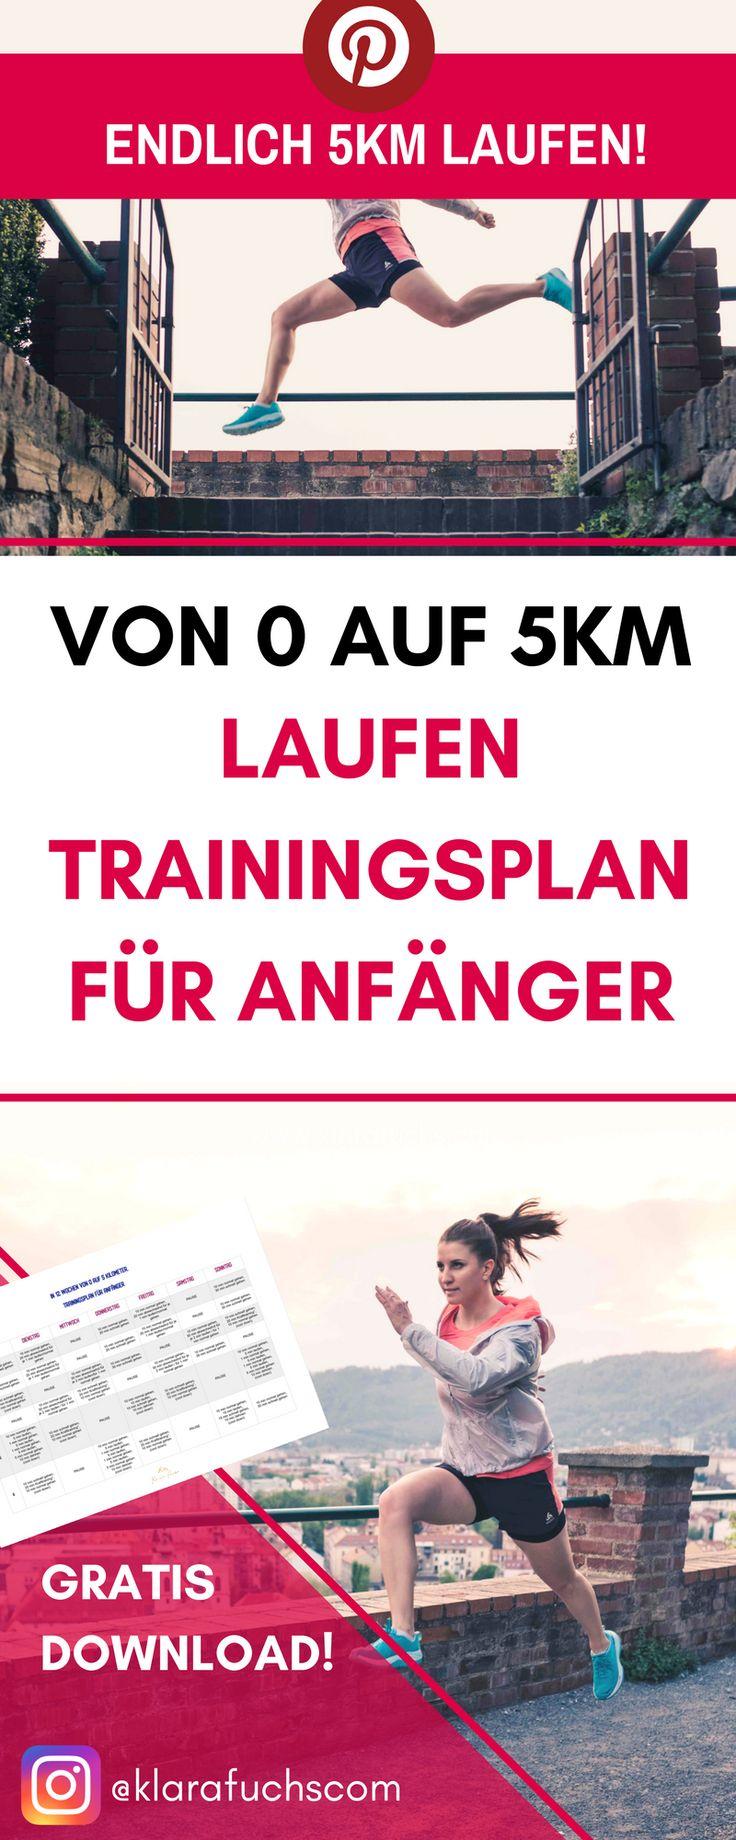 Von 0 auf 5 km. Trainingsplan für Laufanfänger